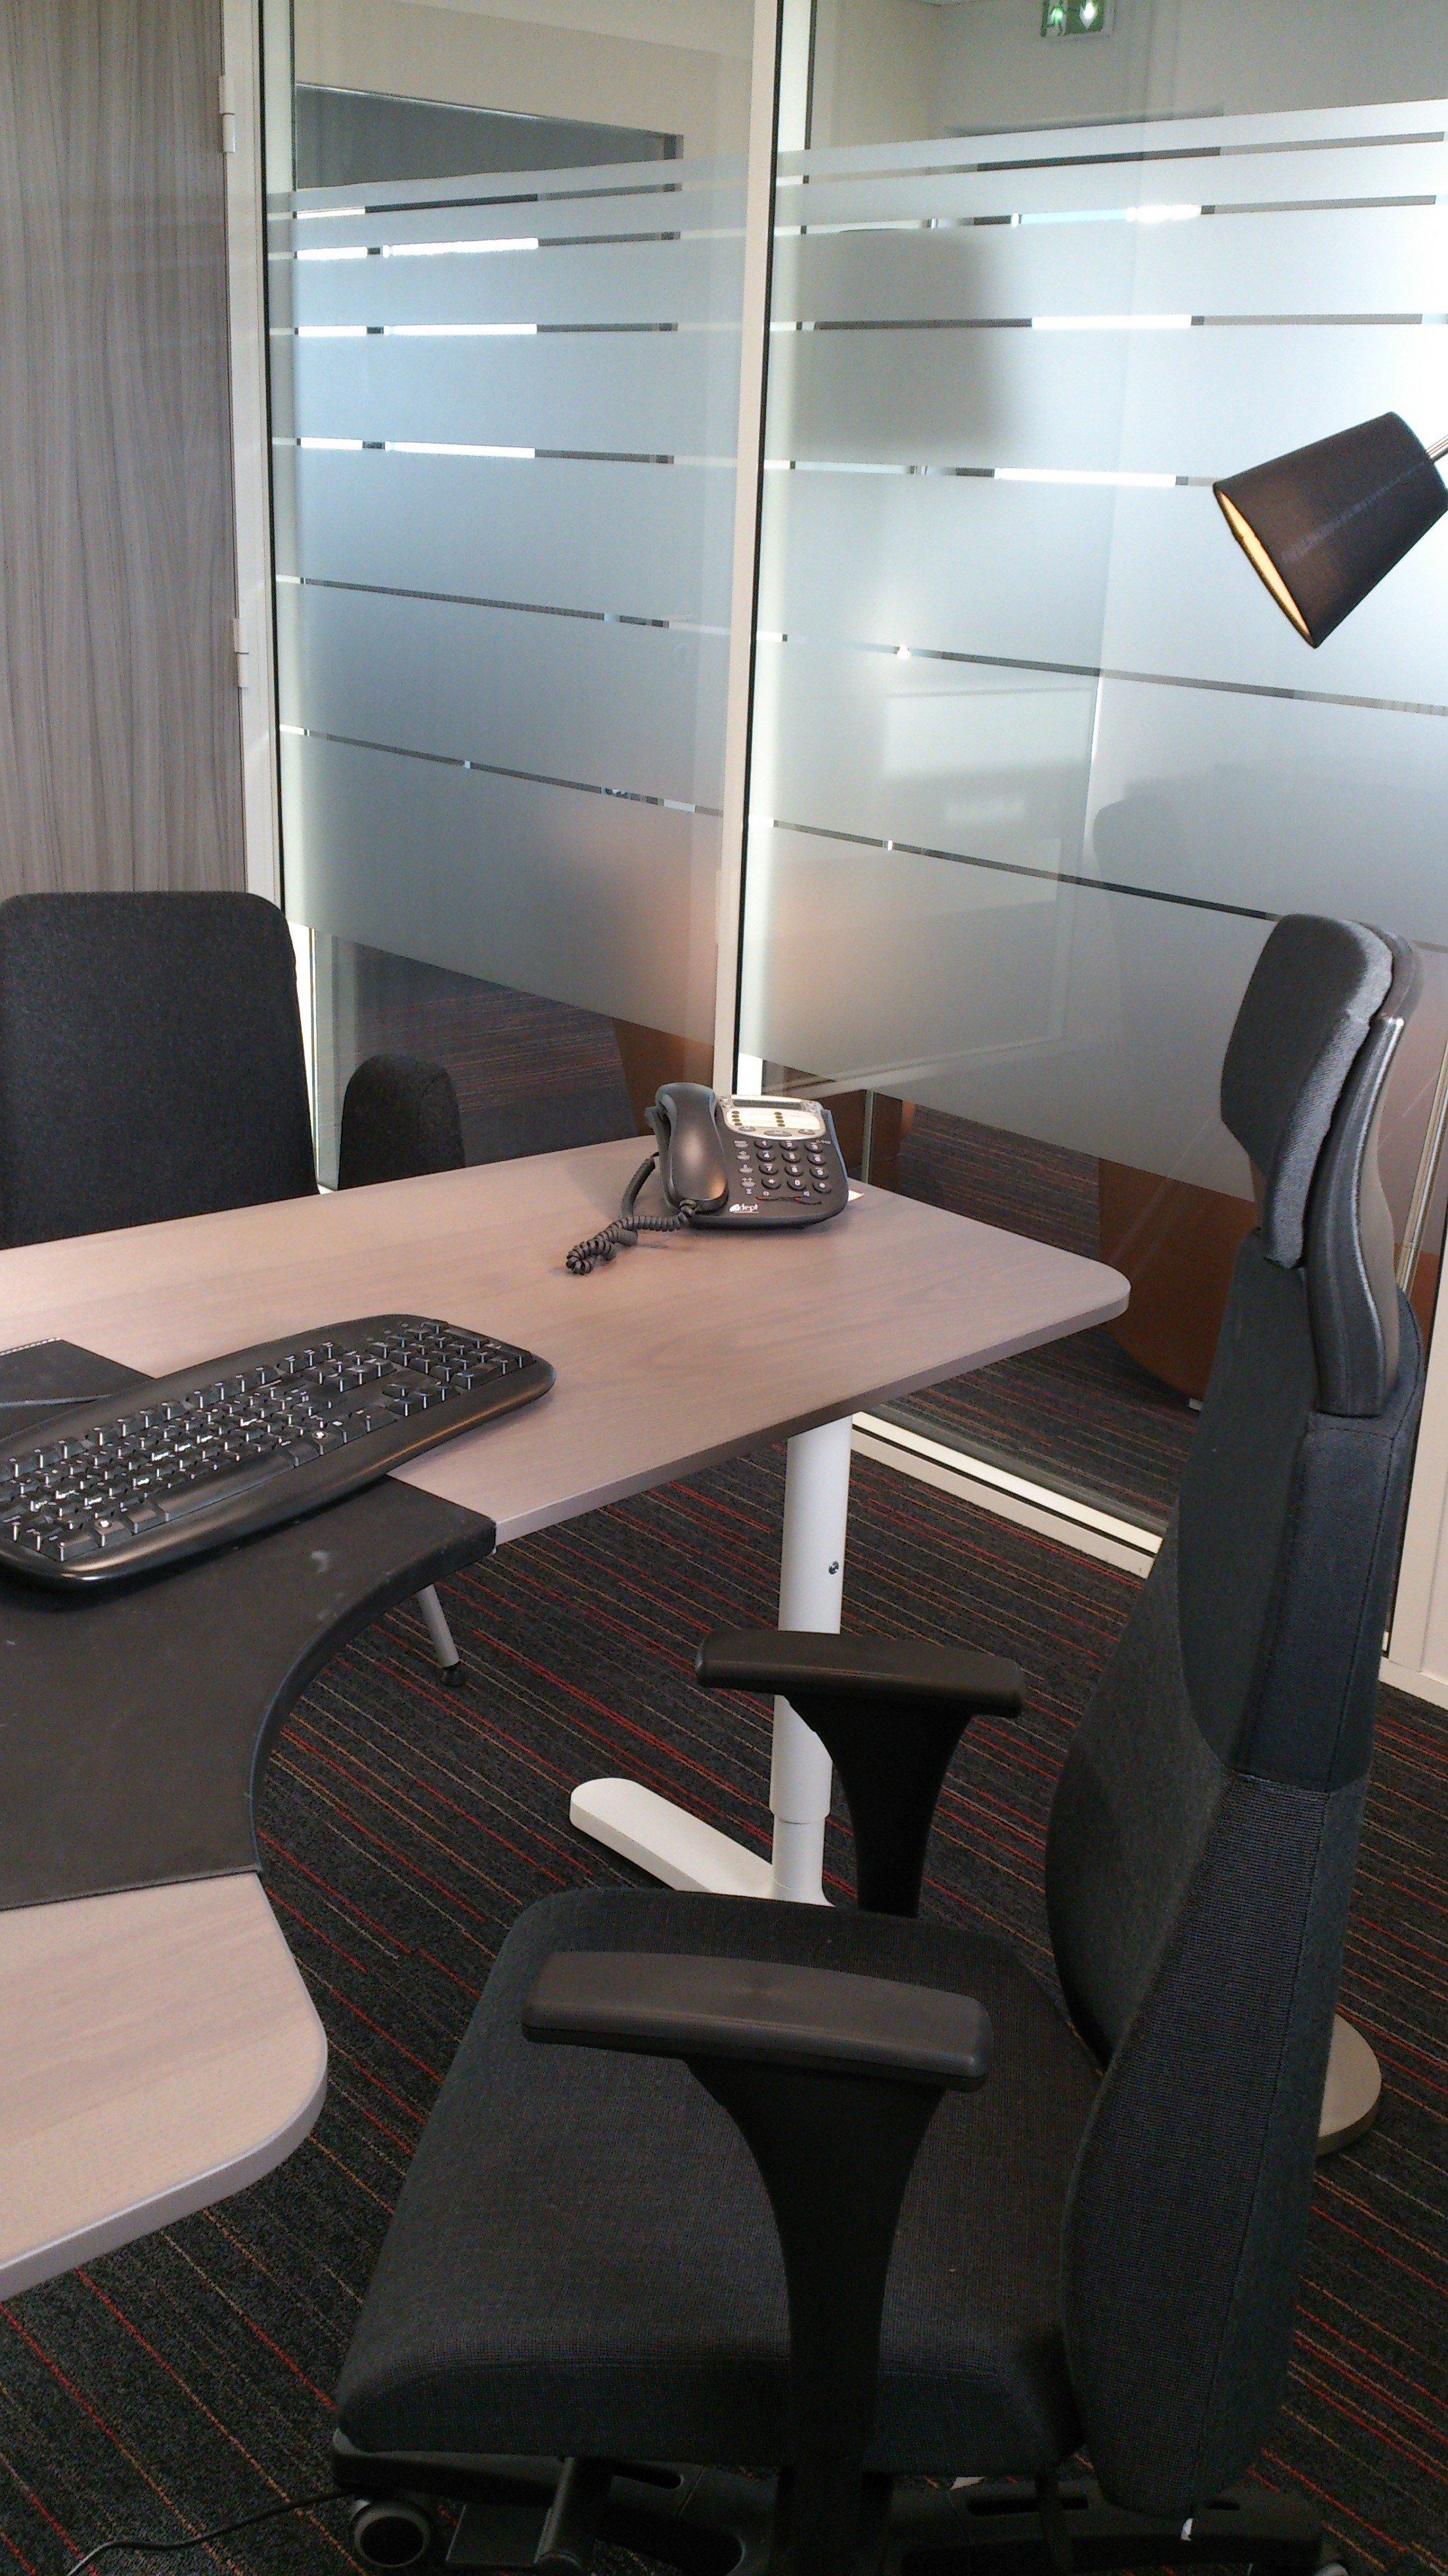 Location de bureaux la journ e au centre d affaires de for Bureau vannes